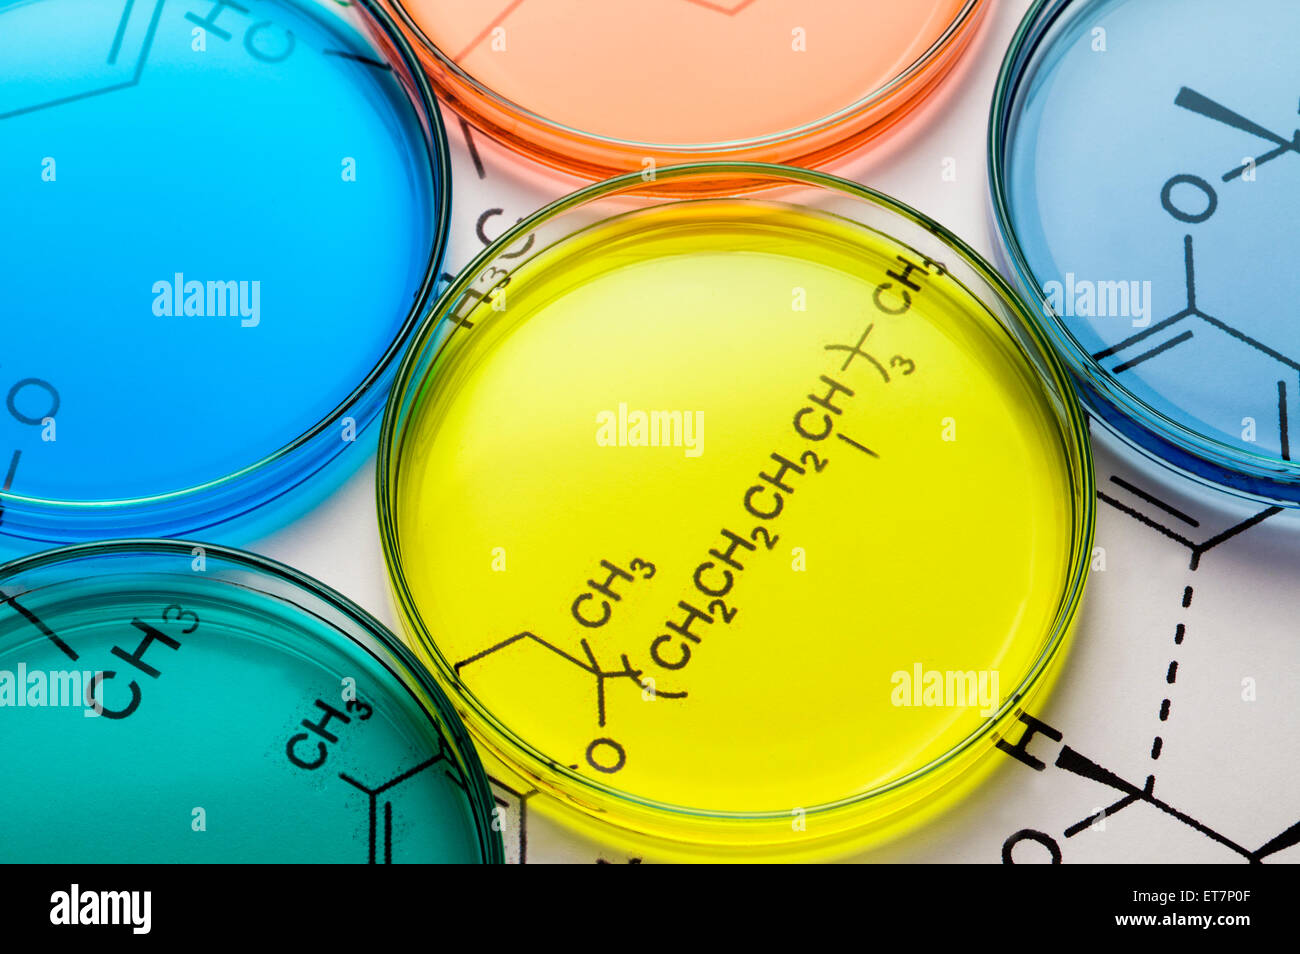 La sanità e la medicina,Vetreria,vetreria di laboratorio,arnese,,piastra di Petri Immagini Stock